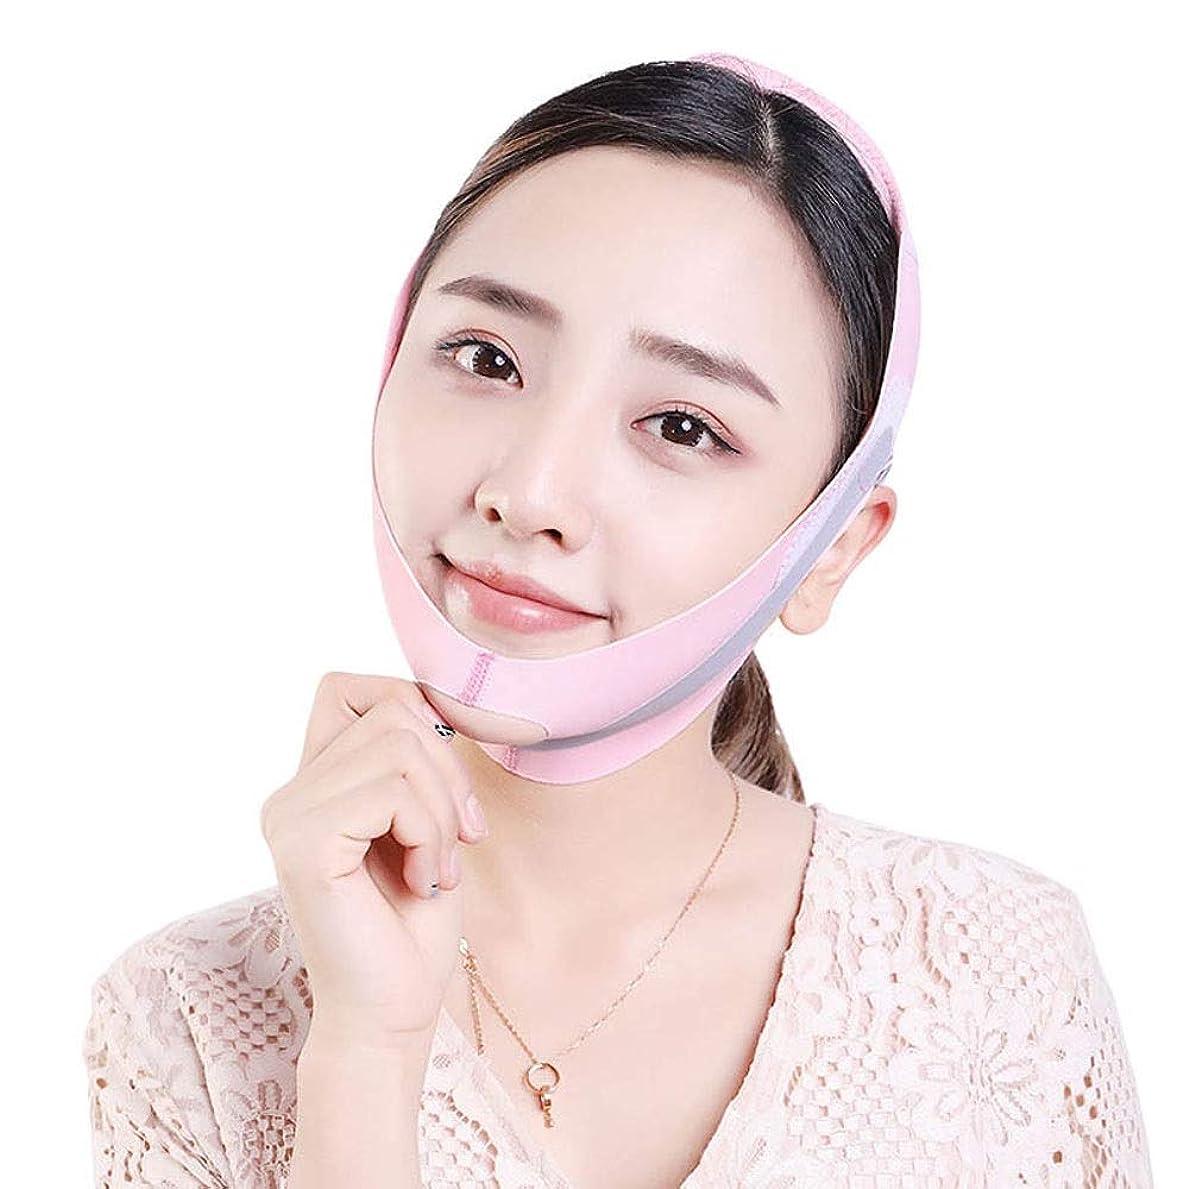 原子通信網風変わりなJia Jia- たるみを防ぐために顔を持ち上げるために筋肉を引き締めるために二重あごのステッカーとラインを削除するために、顔を持ち上げるアーティファクト包帯があります - ピンク 顔面包帯